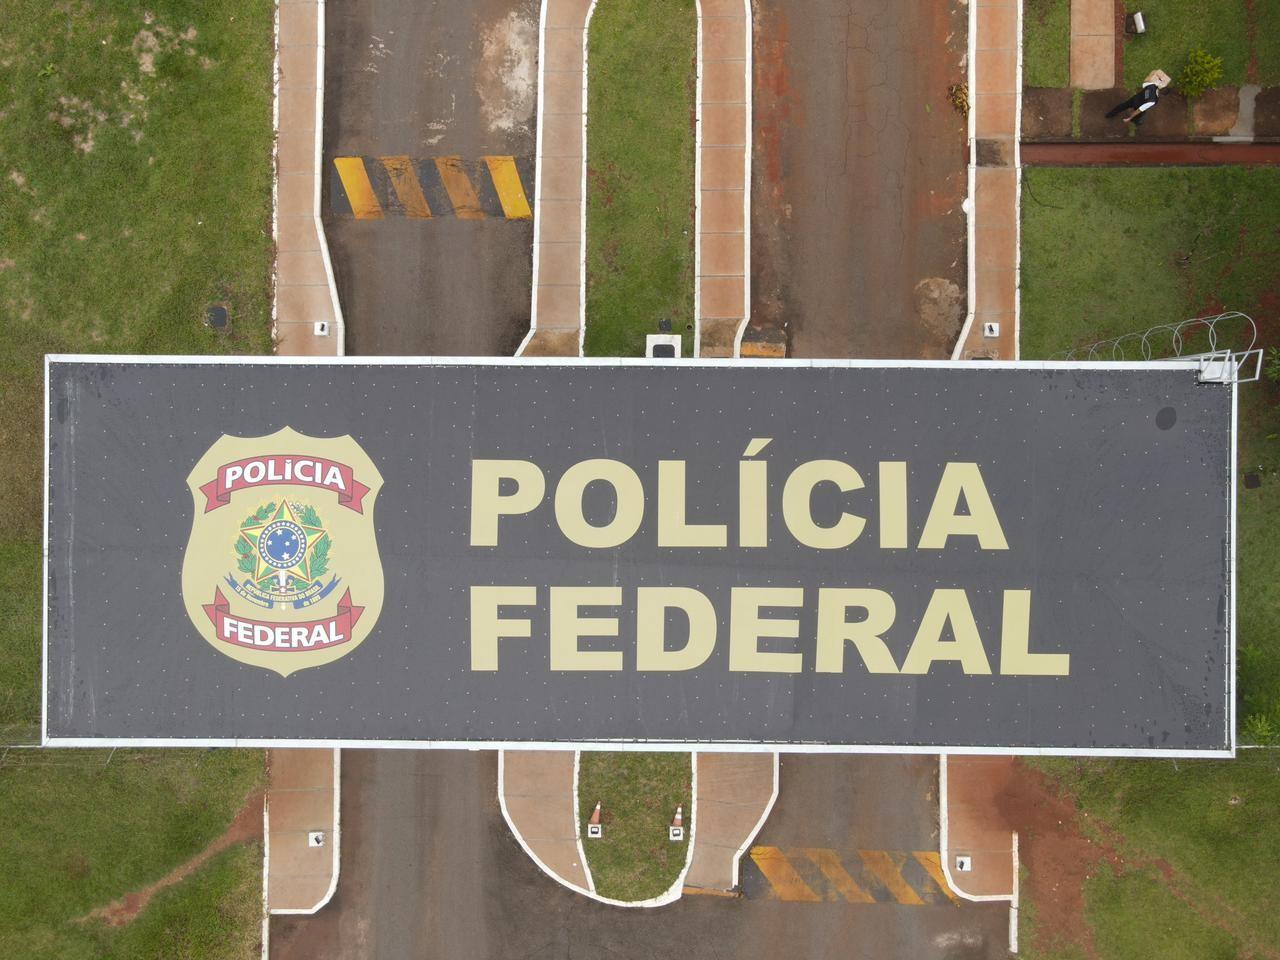 Polícia Federal adia provas de concurso com 1,5 mil vagas; nova data é em maio